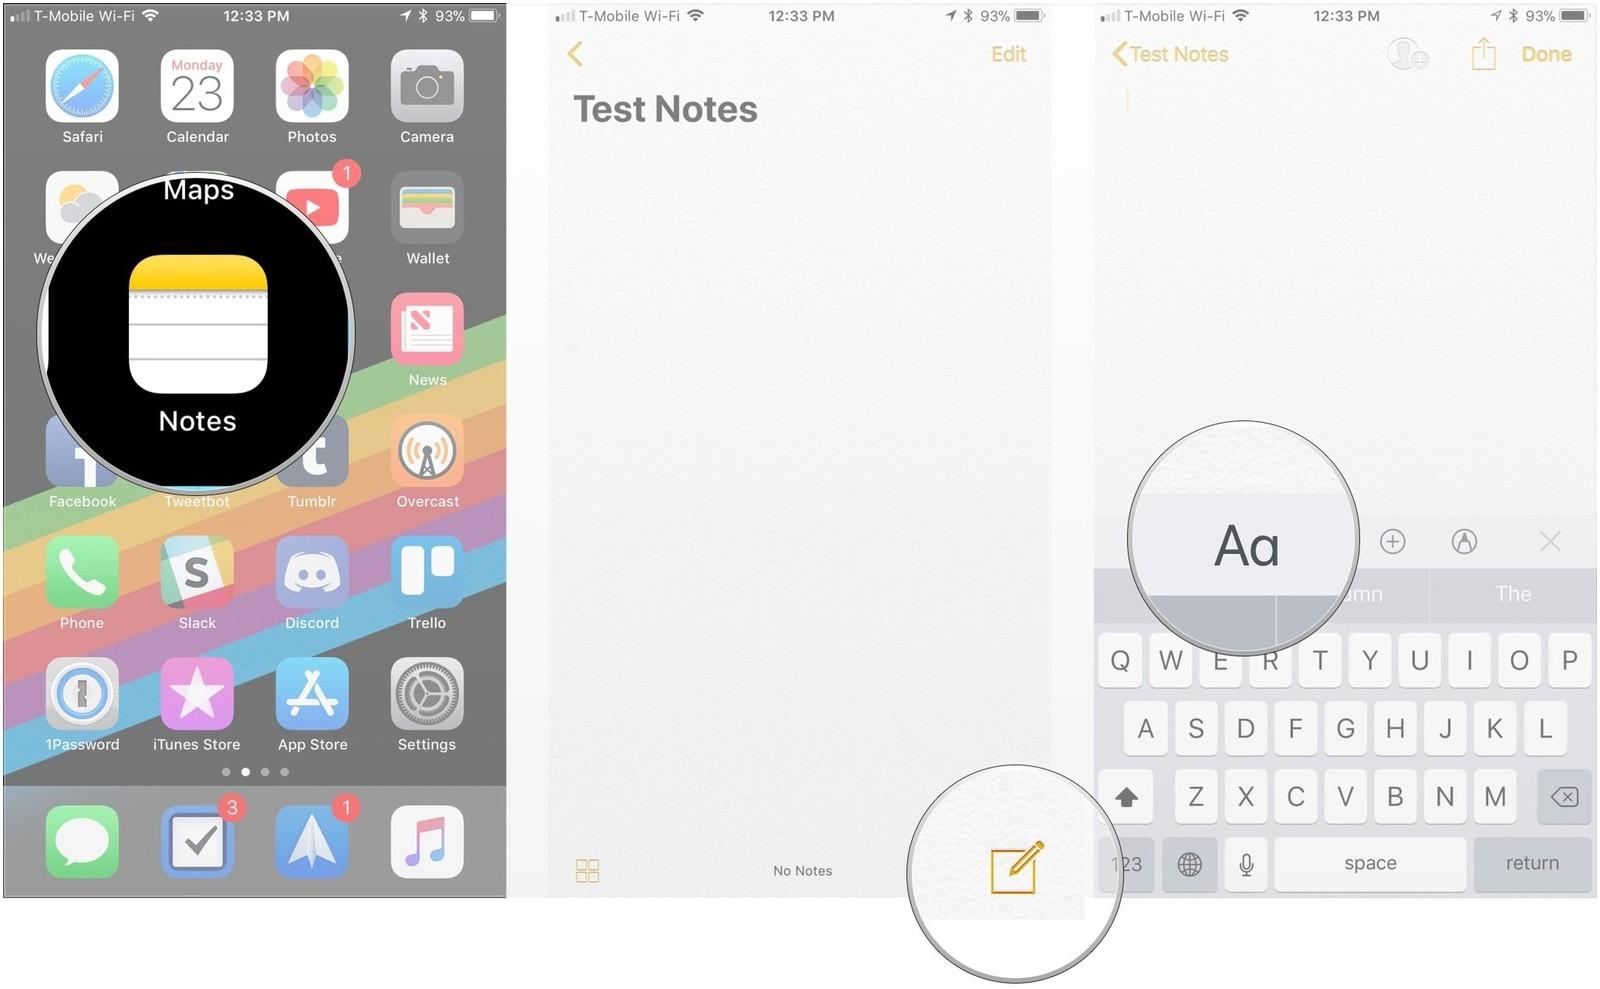 Как форматировать заметки на iPhone и iPad - форматирование списков